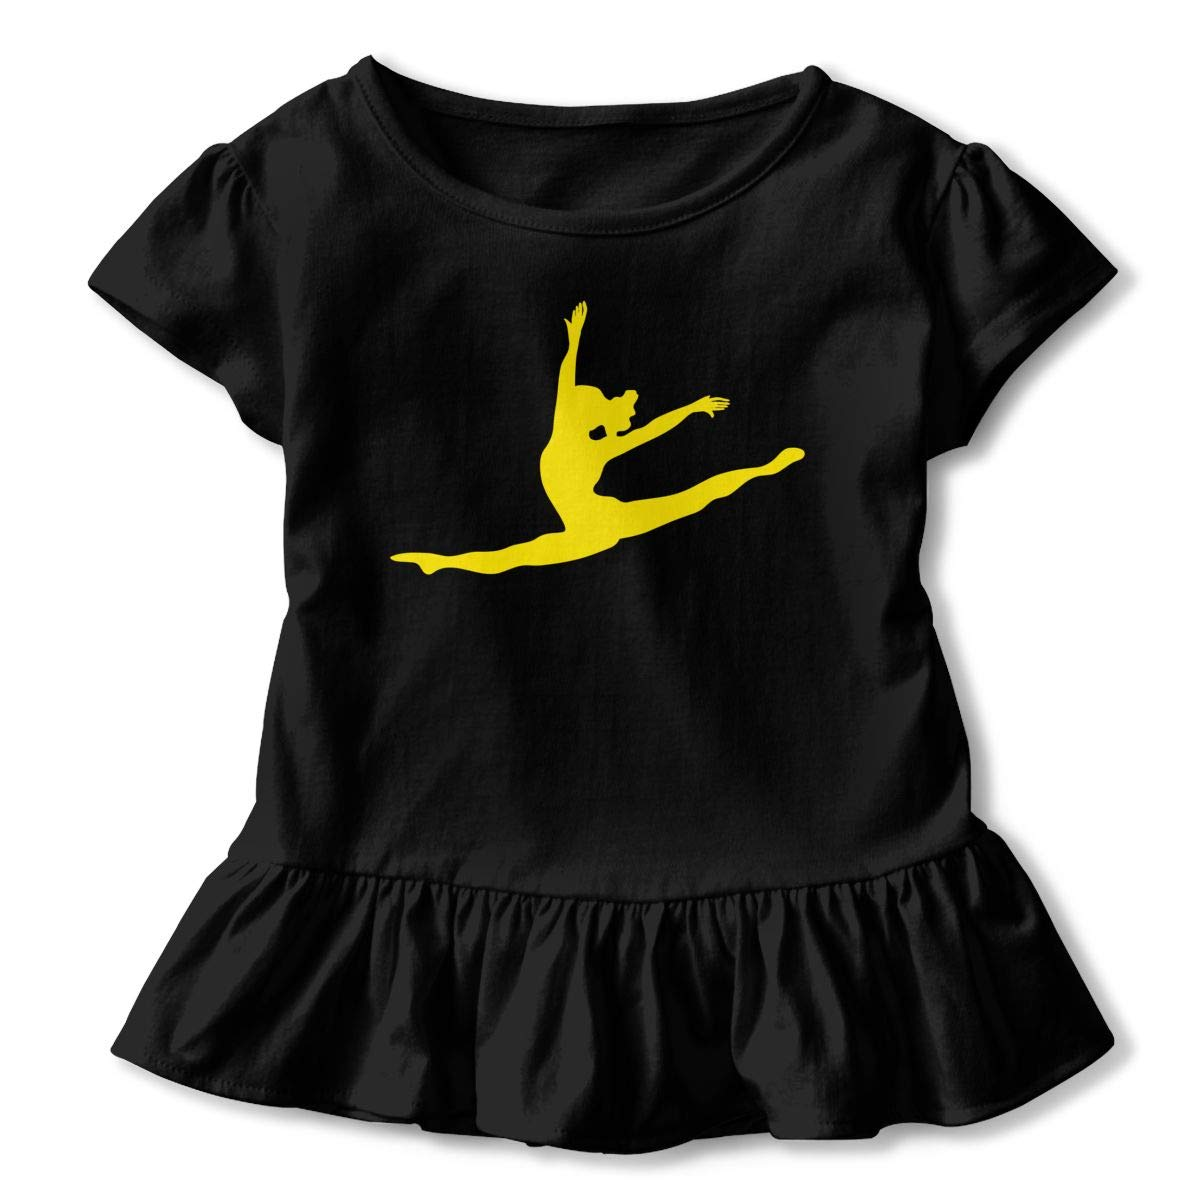 2-Pack Cotton Tee Dancer Leap Silhouette Baby Girls Short Sleeve Ruffles T-Shirt Tops